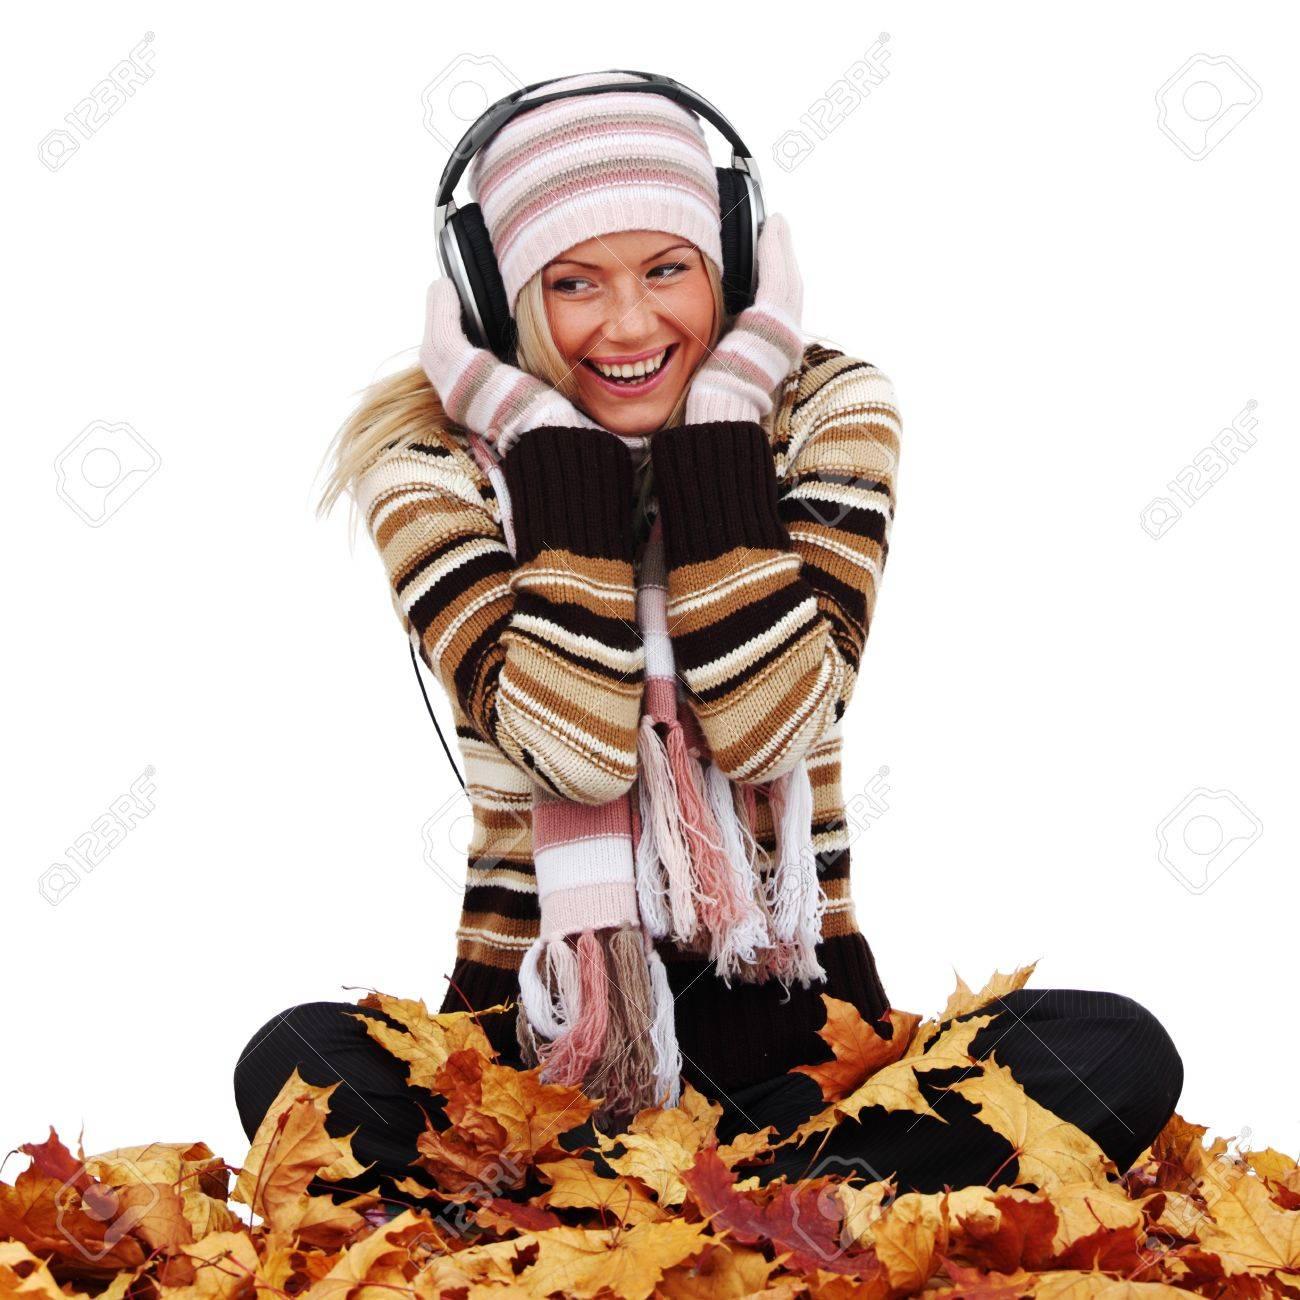 autumn woman listening music in studio Stock Photo - 9006795